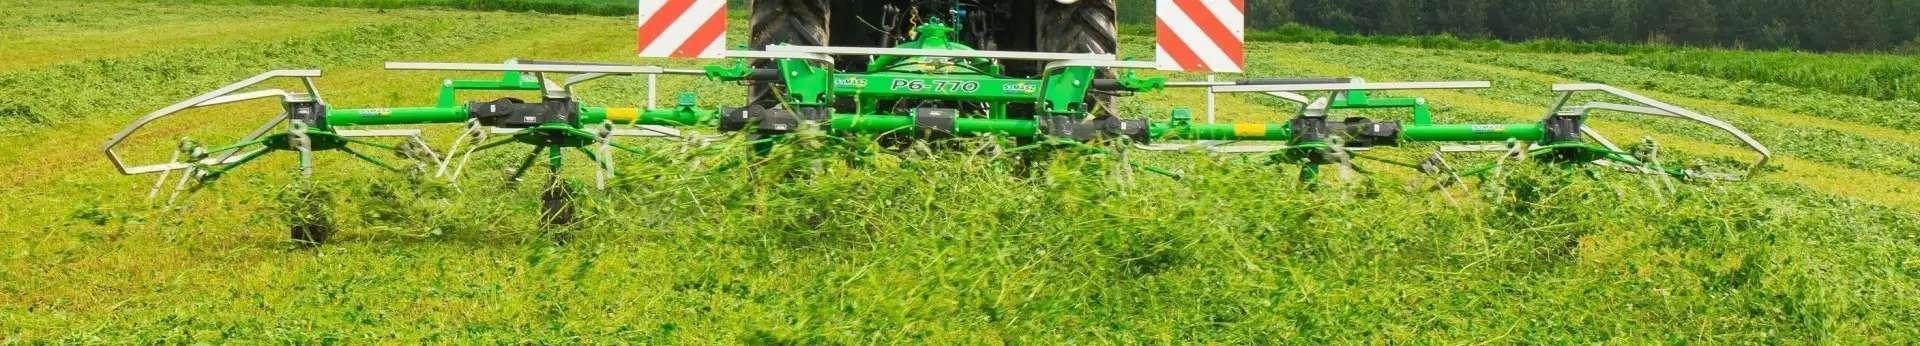 Przetrząsacz do trawy zawieszany typ P6 770 firmy Samasz przetrząsa łąkę korbanek.pl